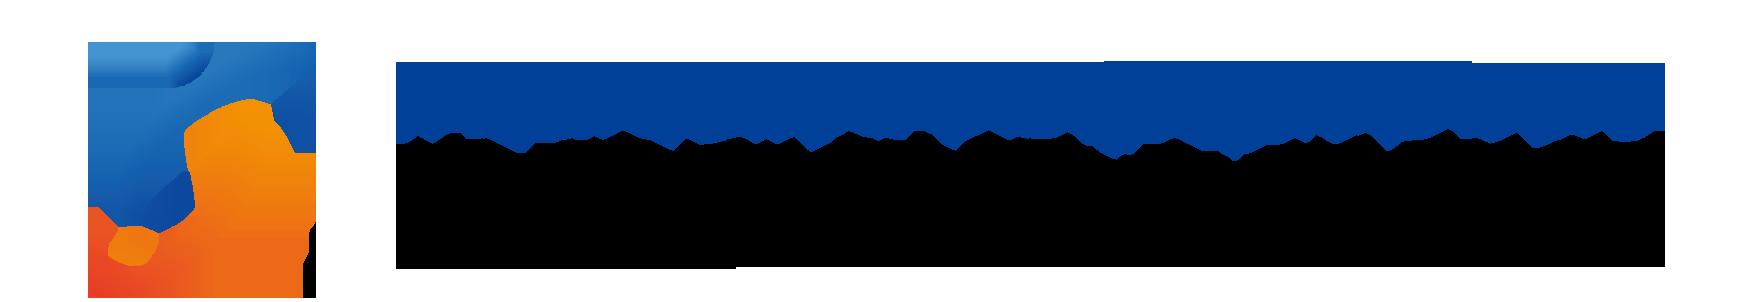 榊原亮税理士事務所